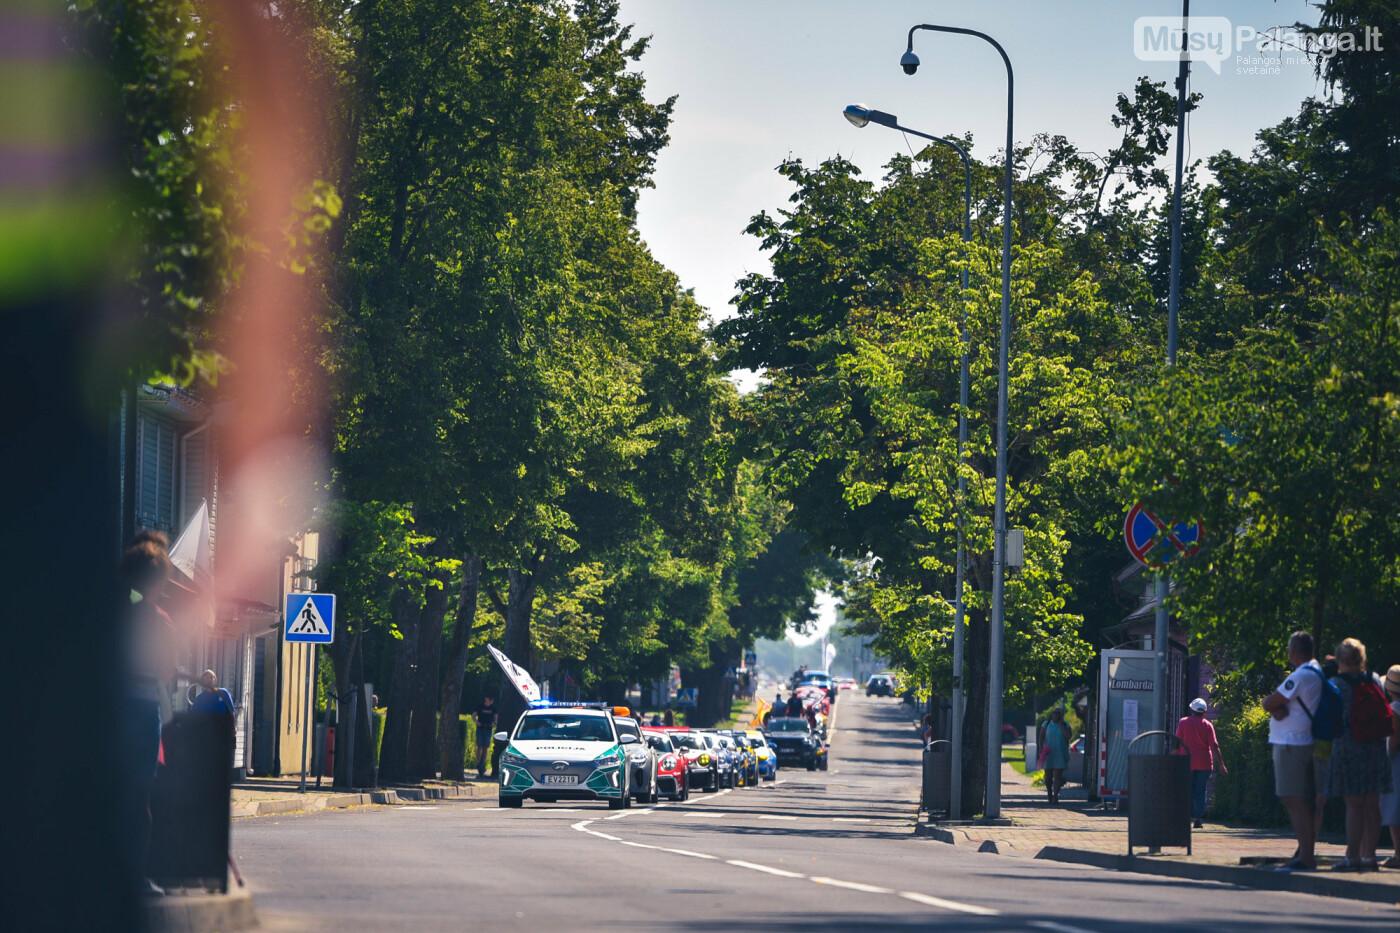 """Palanga alsuoja """"Aurum 1006 km lenktynių"""" ritmu, nuotrauka-22, Vytauto PILKAUSKO ir Arno STRUMILOS nuotr."""